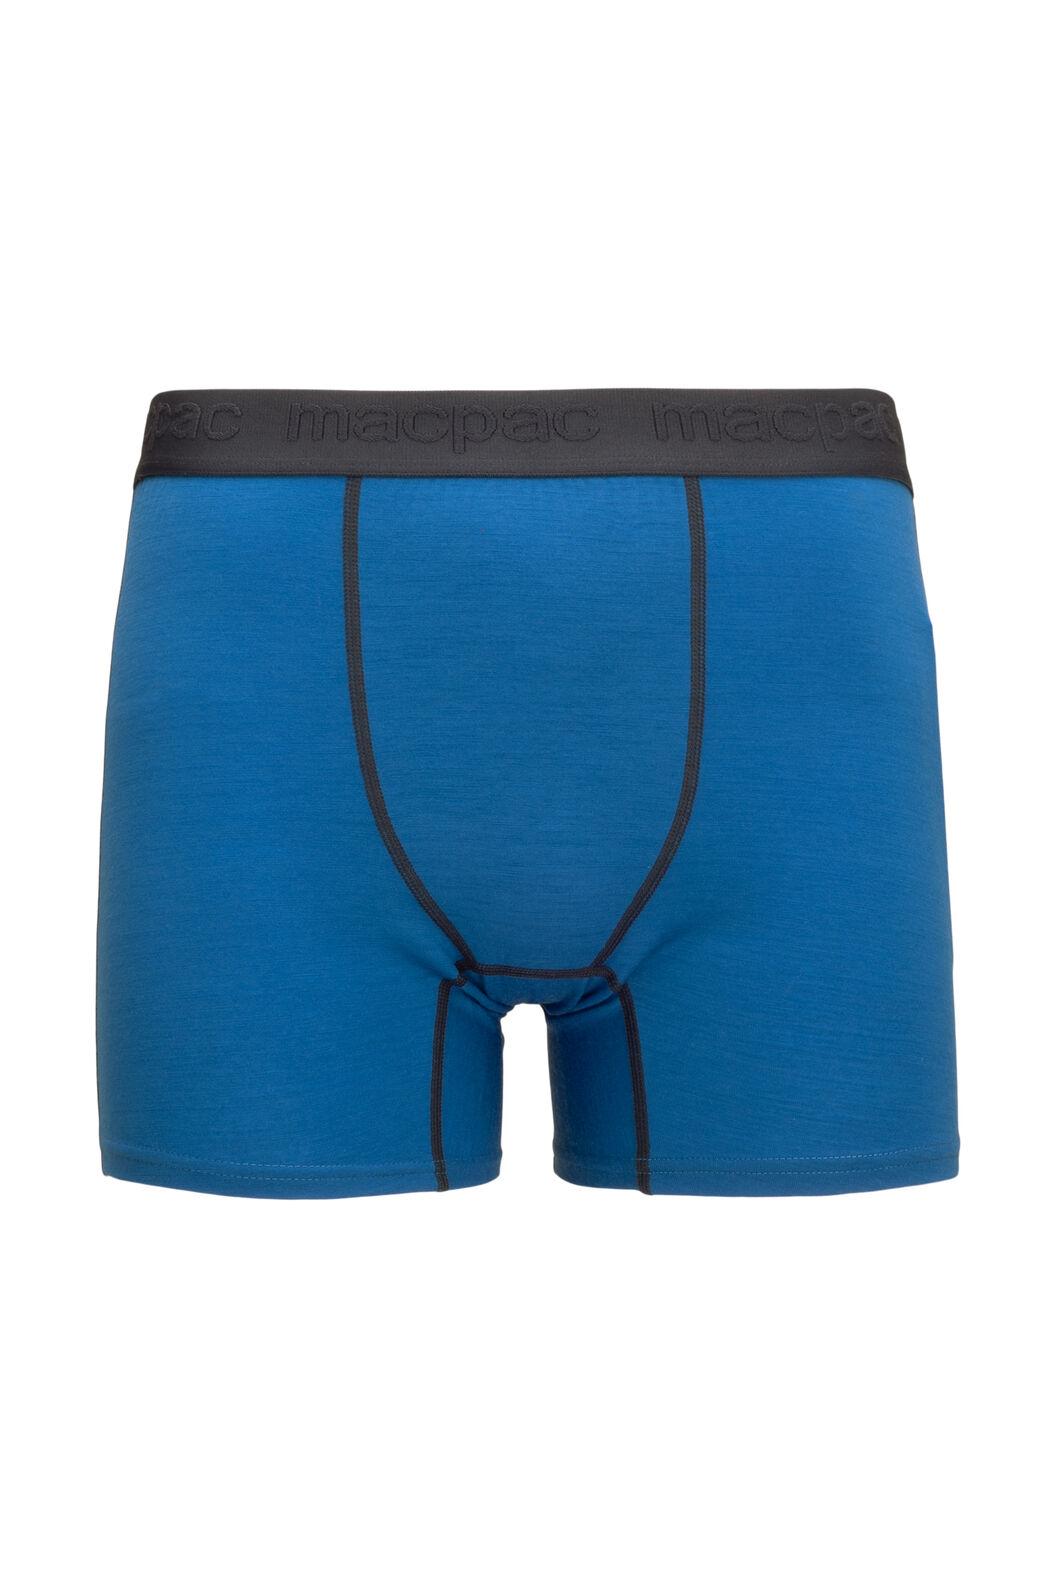 Macpac Men's 180 Merino Boxers, Classic Blue, hi-res